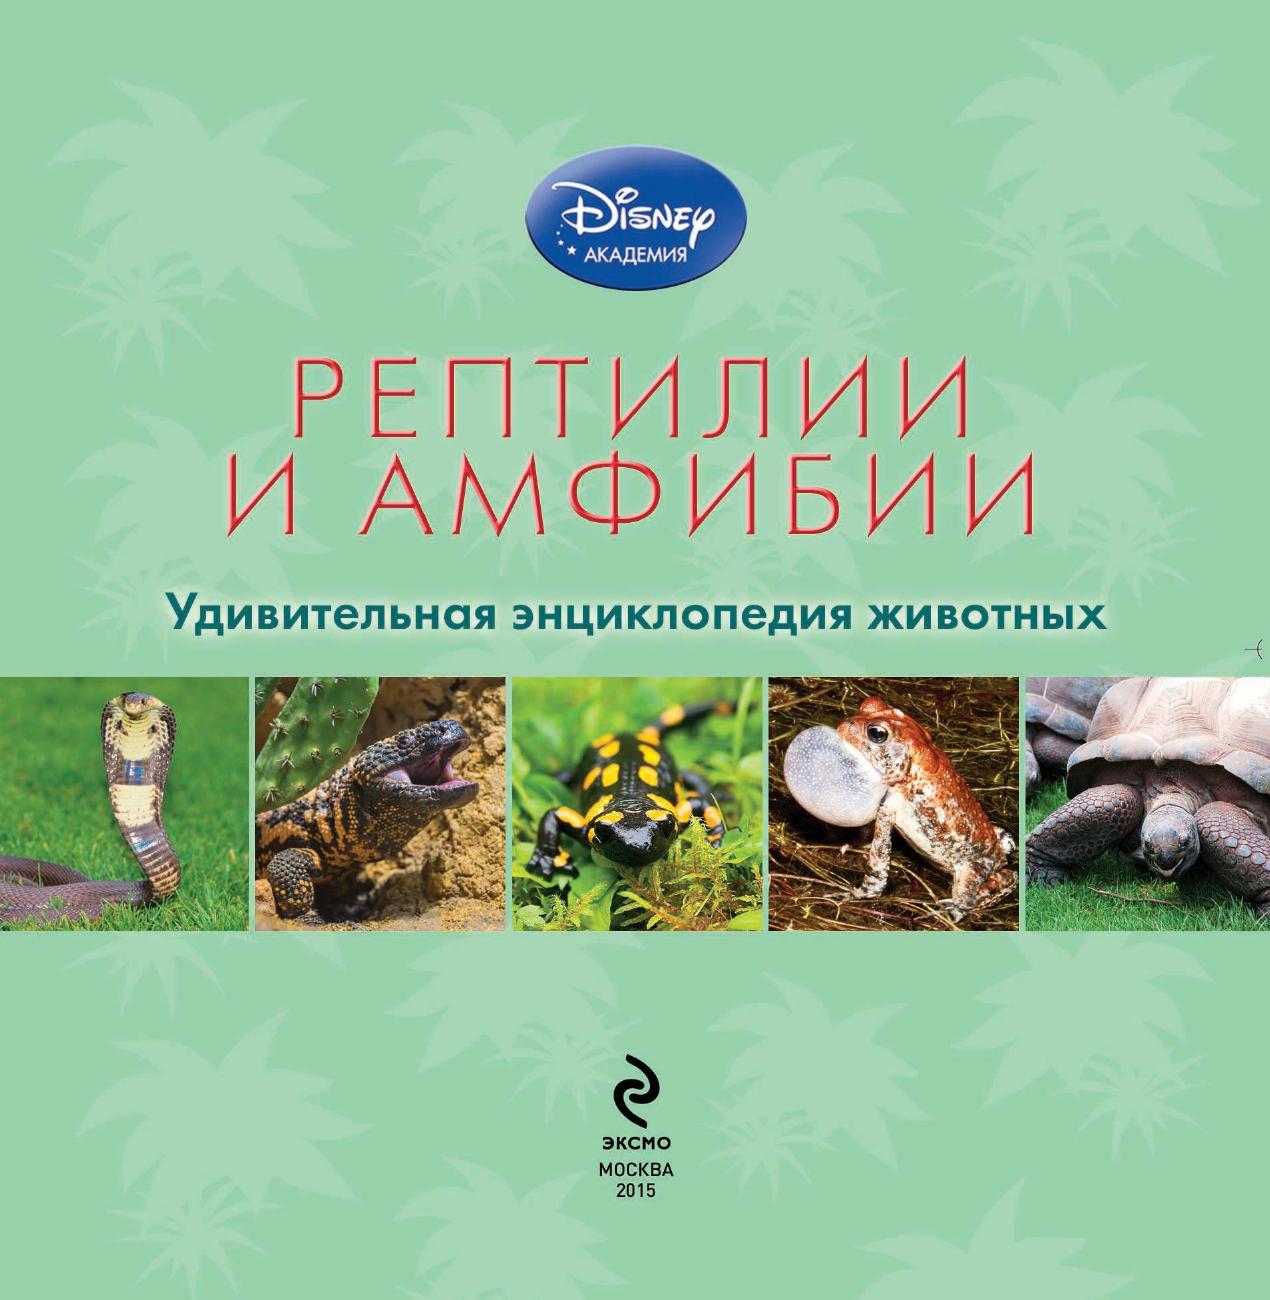 Ветеринария рептилий: исследования в московском зоопарке - pdf free download